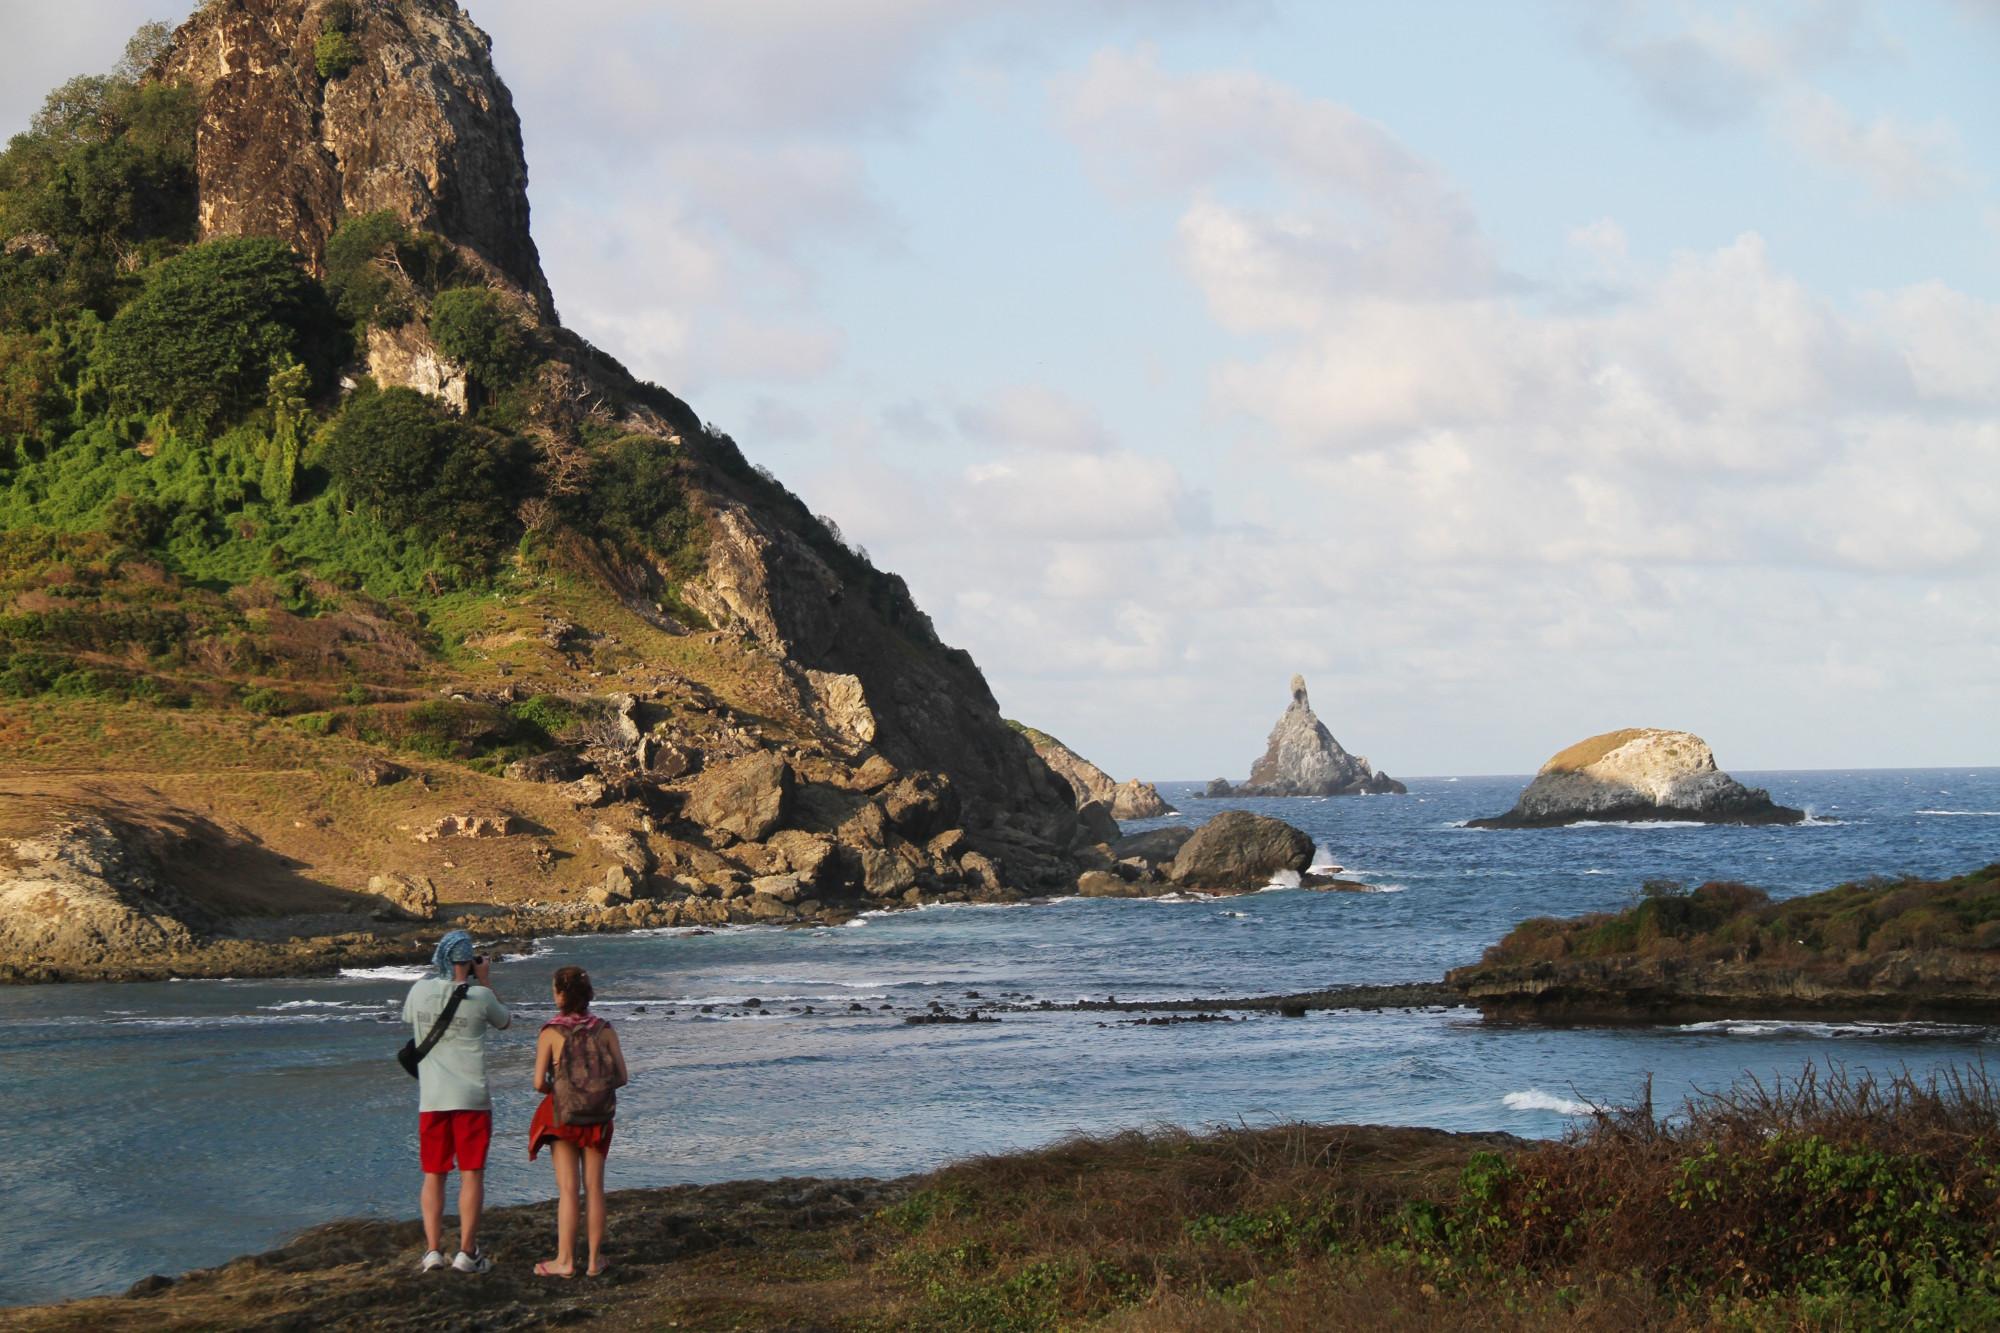 Mirante da Baía do Sueste (foto: Eduardo Vessoni)